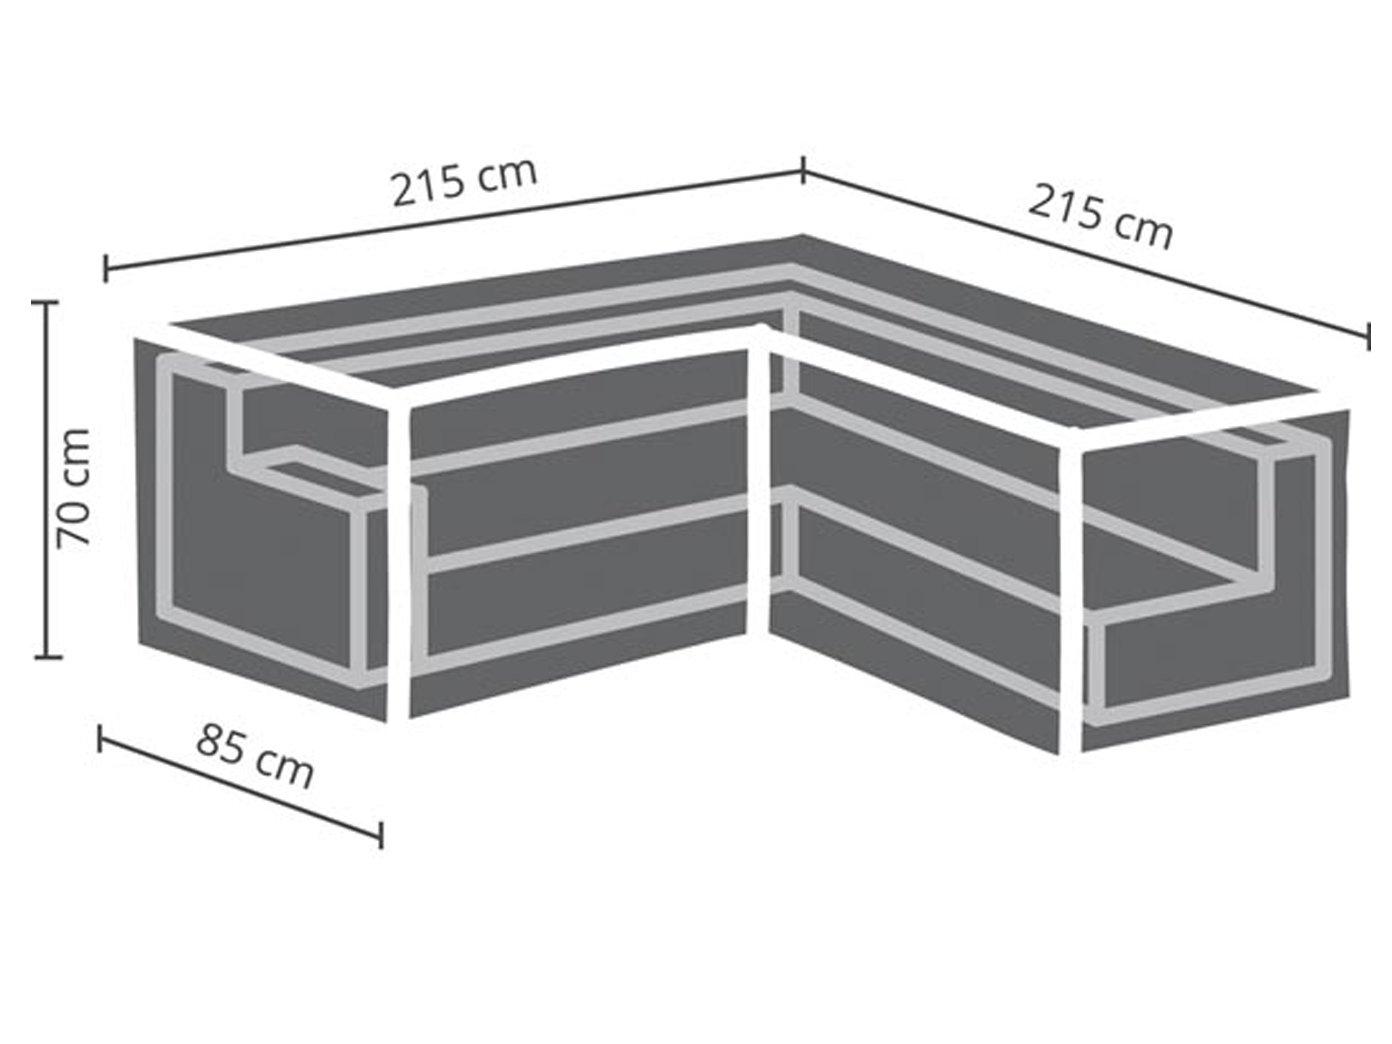 Perel/ garden OCLSL215/Case For L Shaped Furniture Set Black 215/x 215/x 70/cm /215/cm